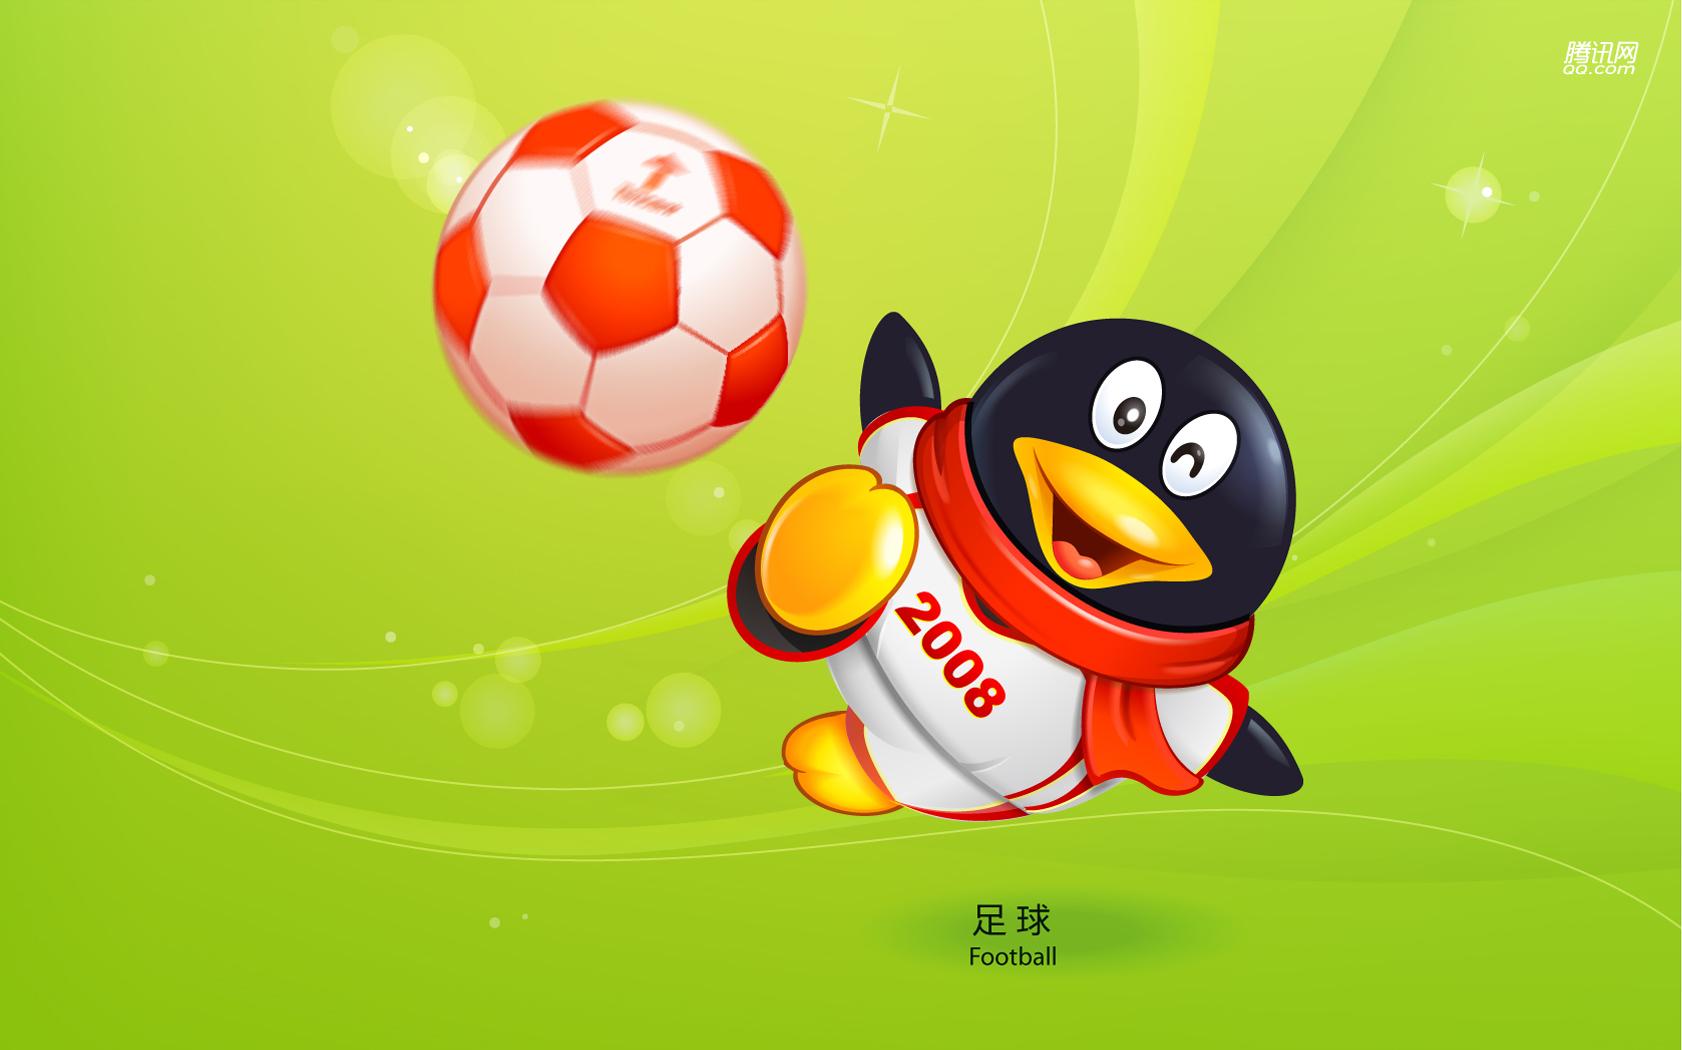 Пекин олимпиада 2008, символ, пингвин, футбол, скачать фото, обои для рабочего стола